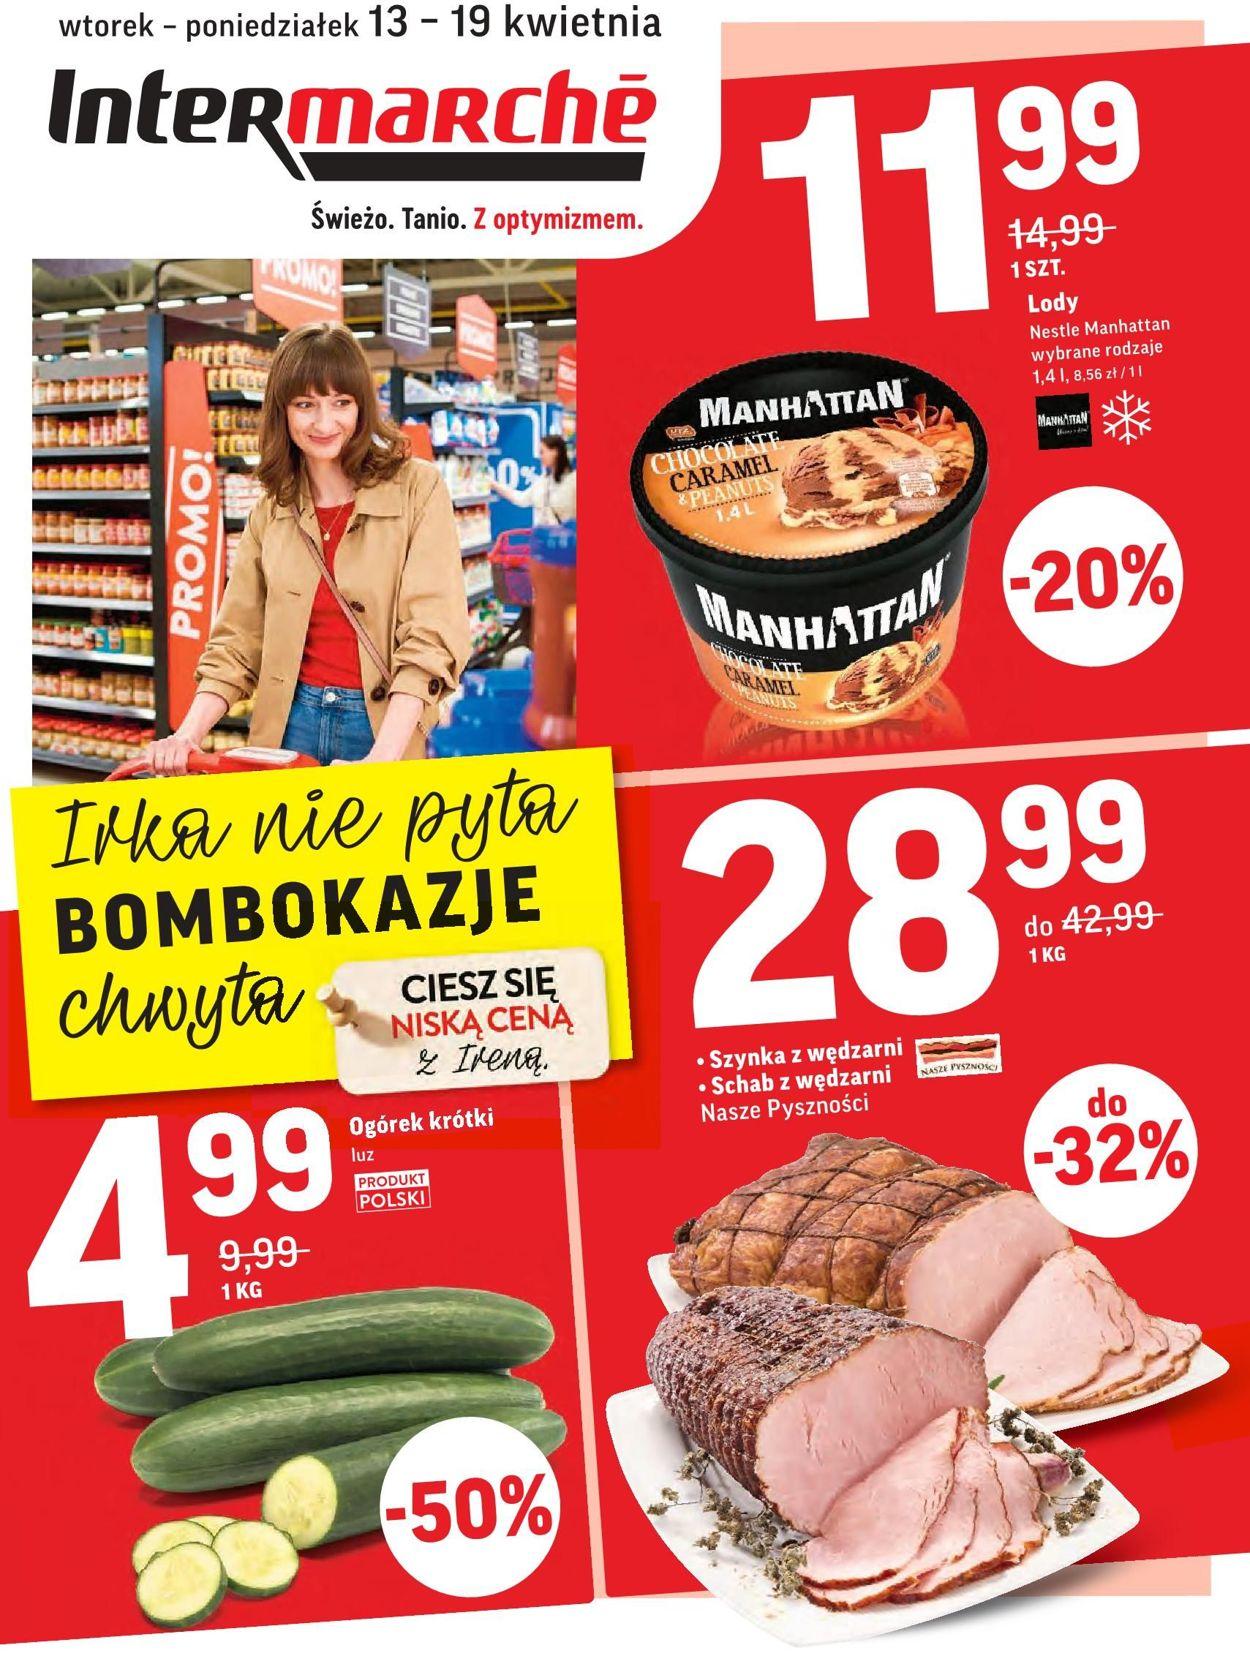 Gazetka promocyjna Intermarché - 13.04-19.04.2021